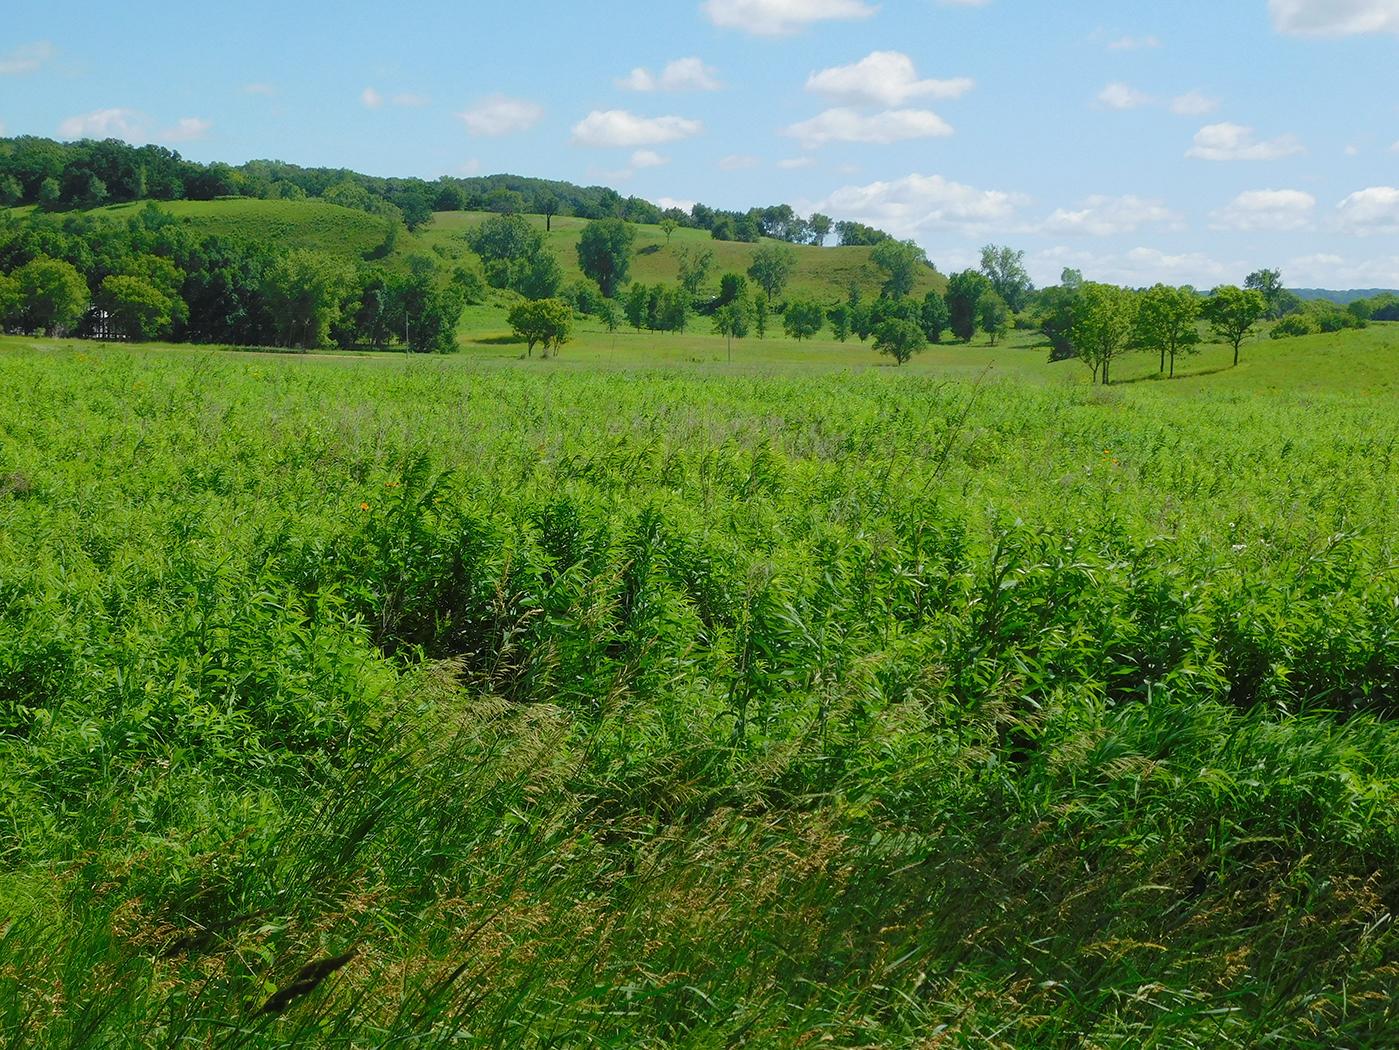 Landscape of grasslands